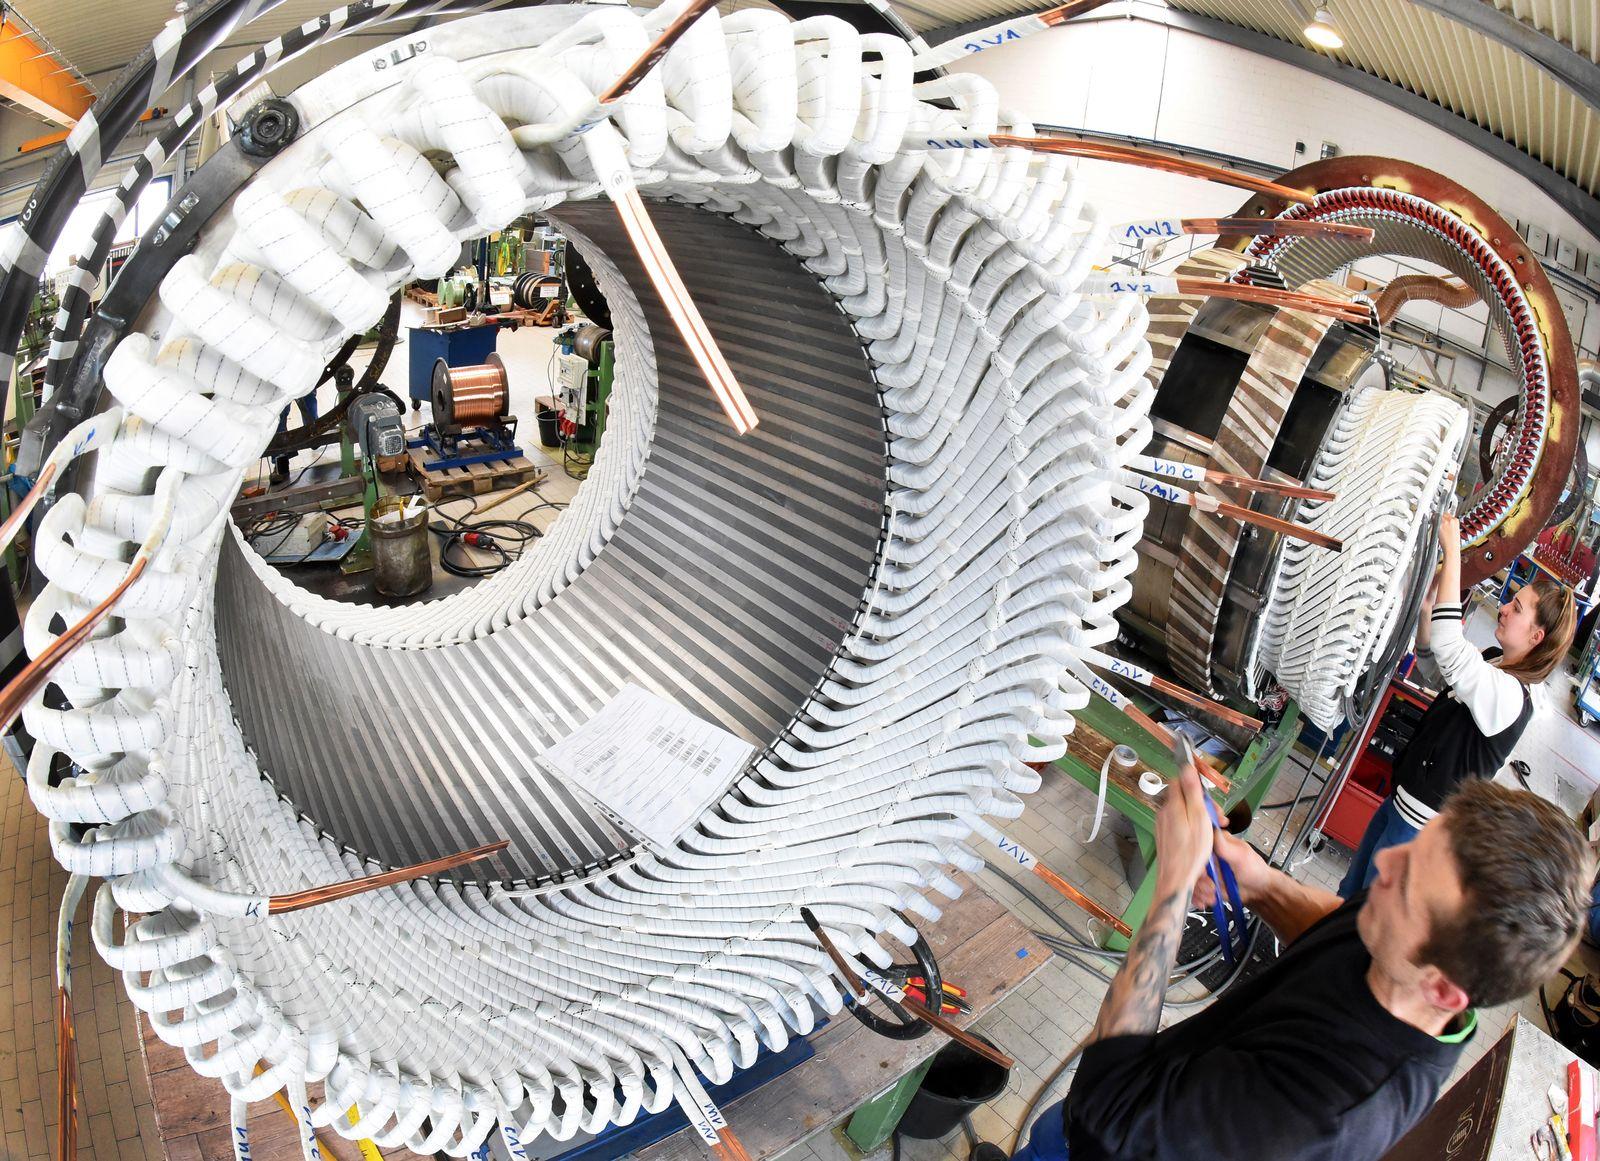 Deutschlnd / Konjunktur / Wirtschaft / Industrie / Metallindustrie / Arbeitsmarkt